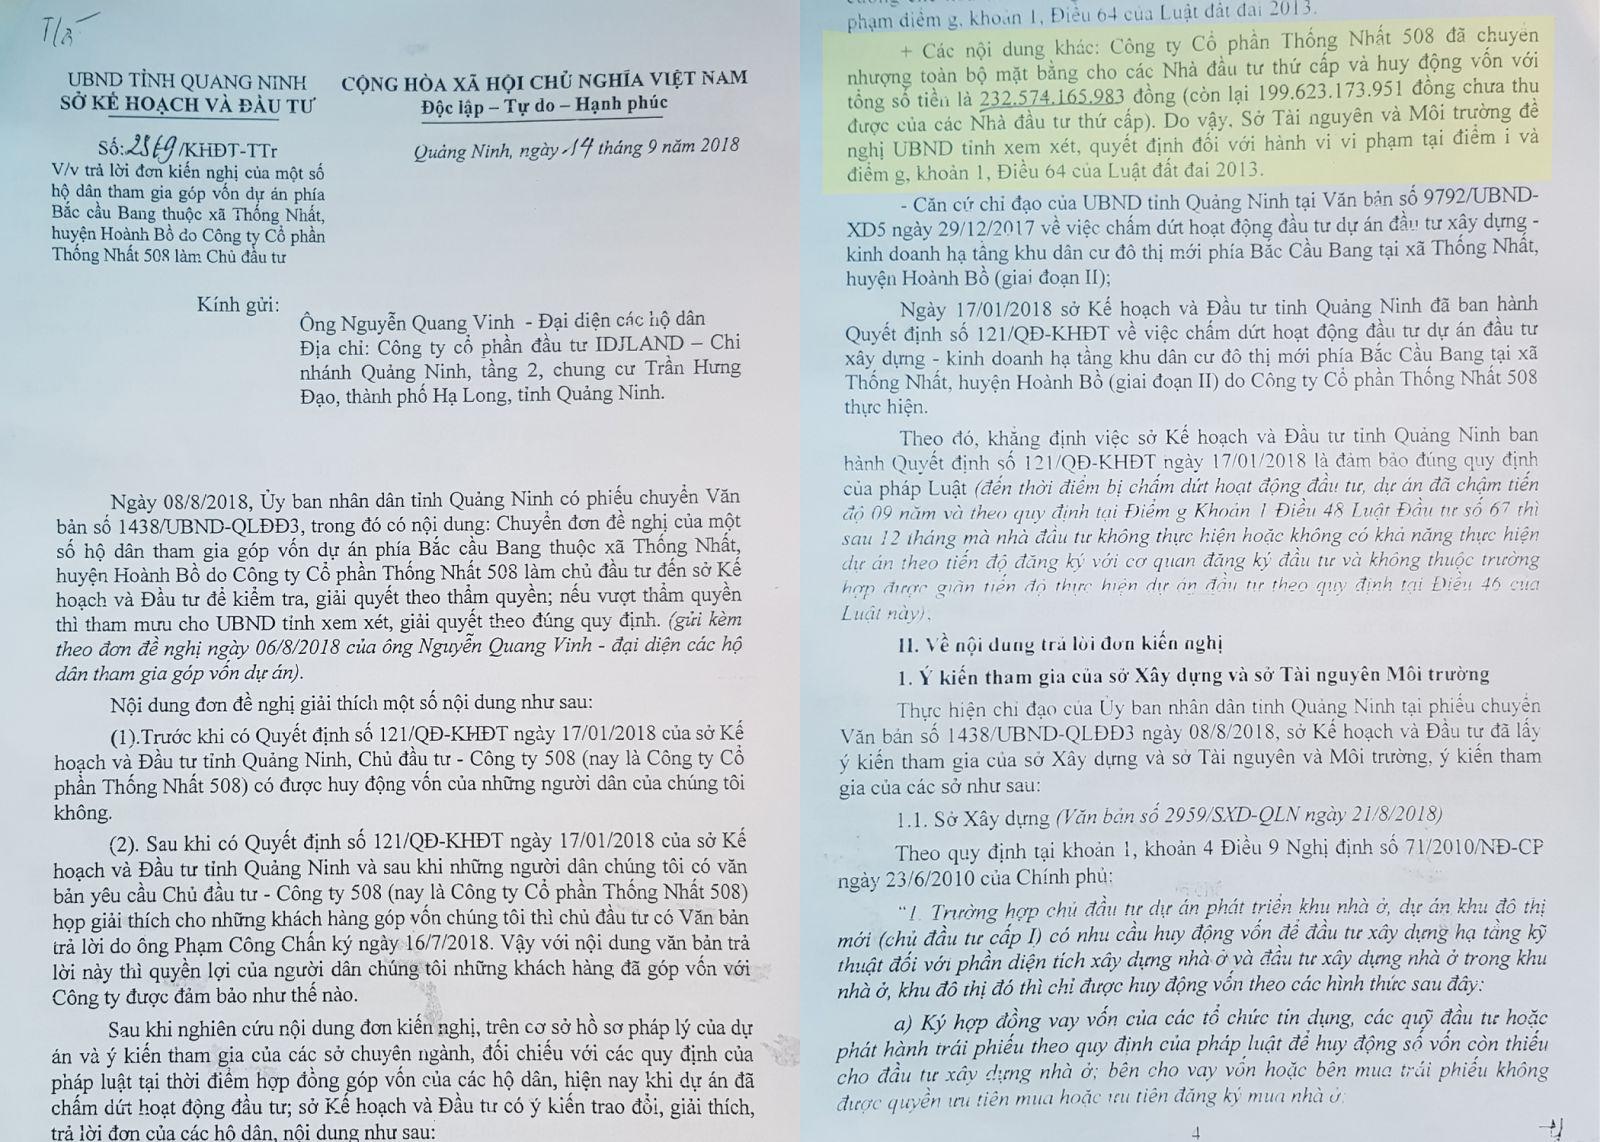 Văn bản của Sở KH&ĐT tỉnh Quảng Ninh cho biết Công ty Cổ phần Thống Nhất 508 đã huy động được hơn 230 tỷ đồng.